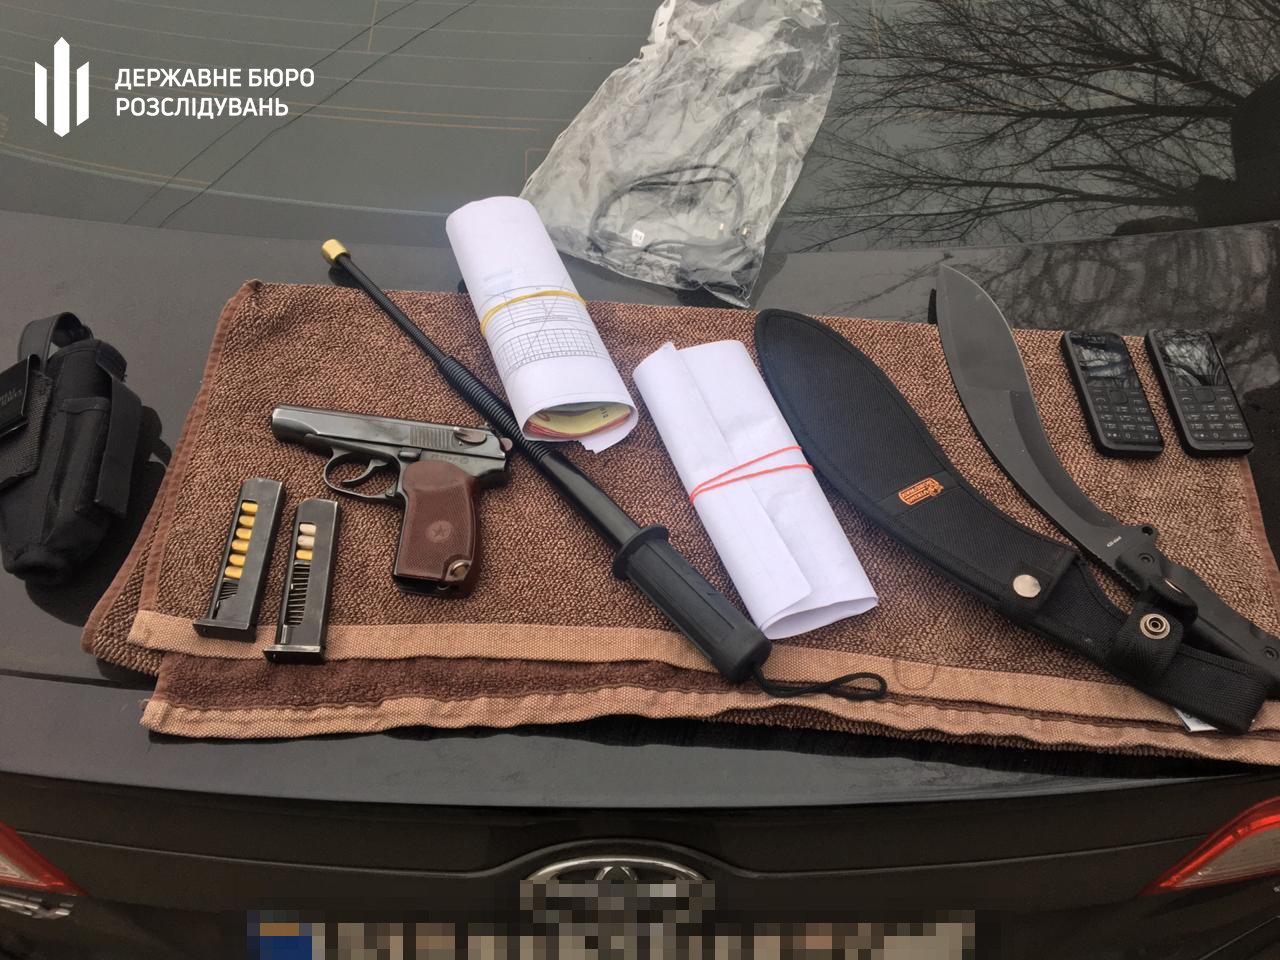 """Одесские правоохранители """"разыграли"""" предпринимателей и обогатились почти на 20 000 евро, фото-4"""